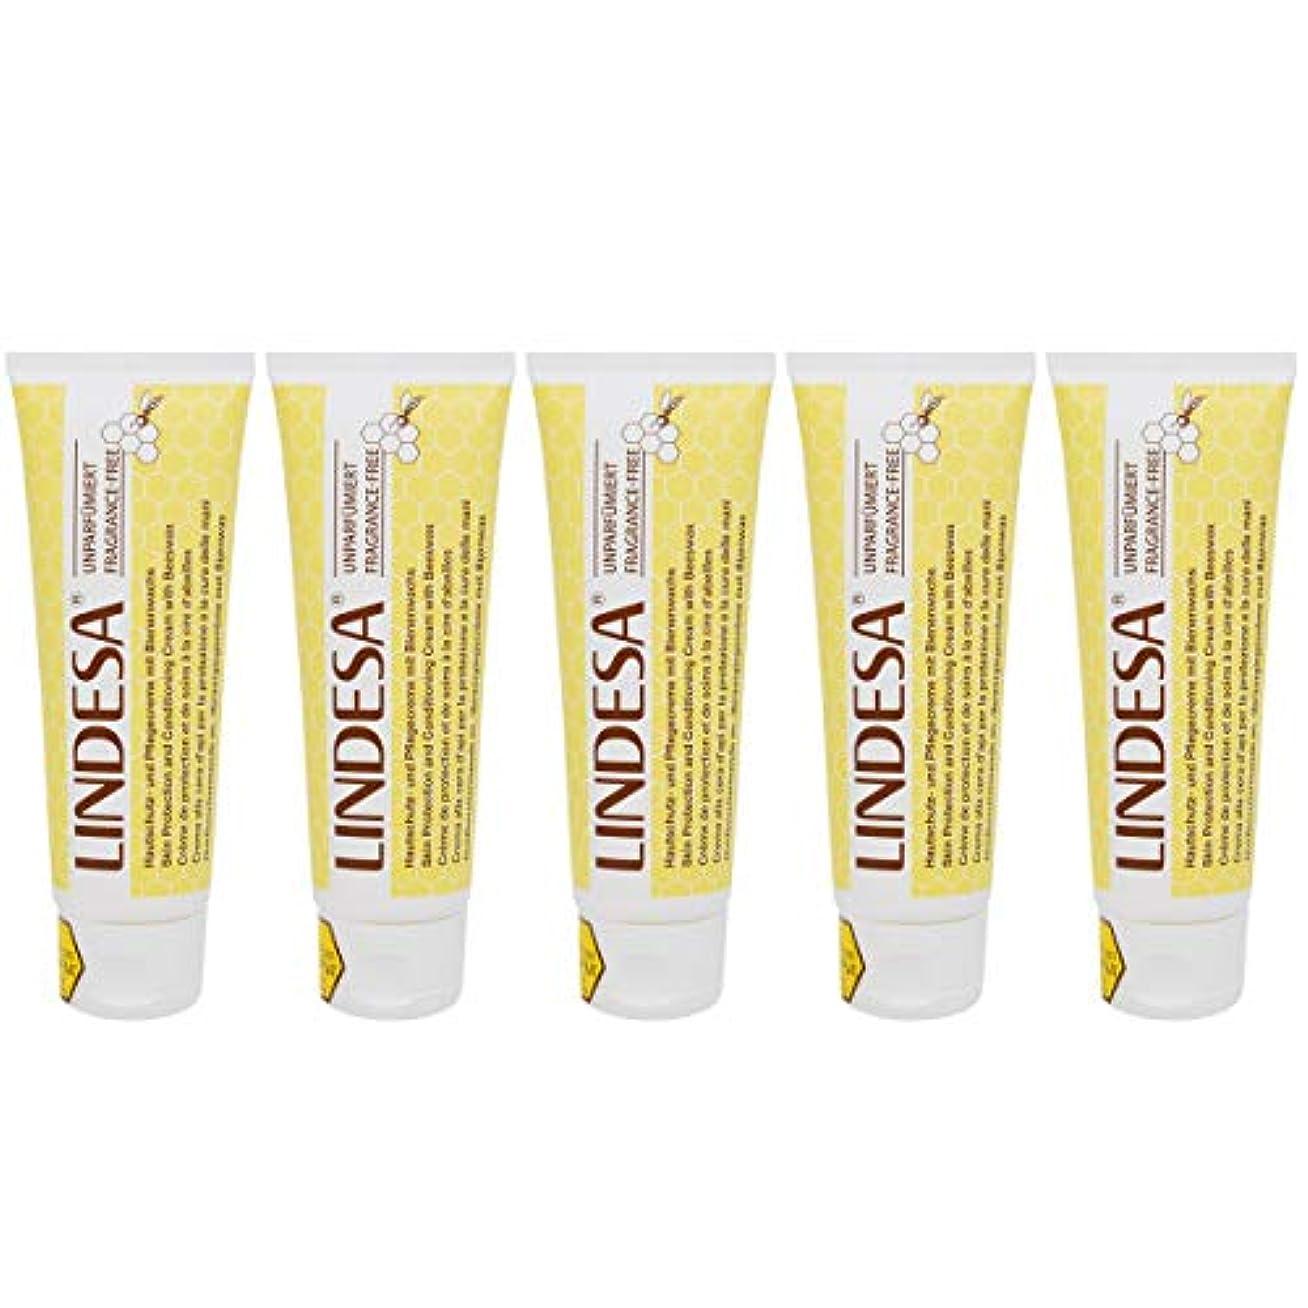 添付引用ご注意LINDESA リンデザ ハンド&スキンケアクリーム 無香料タイプ 75ml 日本国内正規品 5本セット